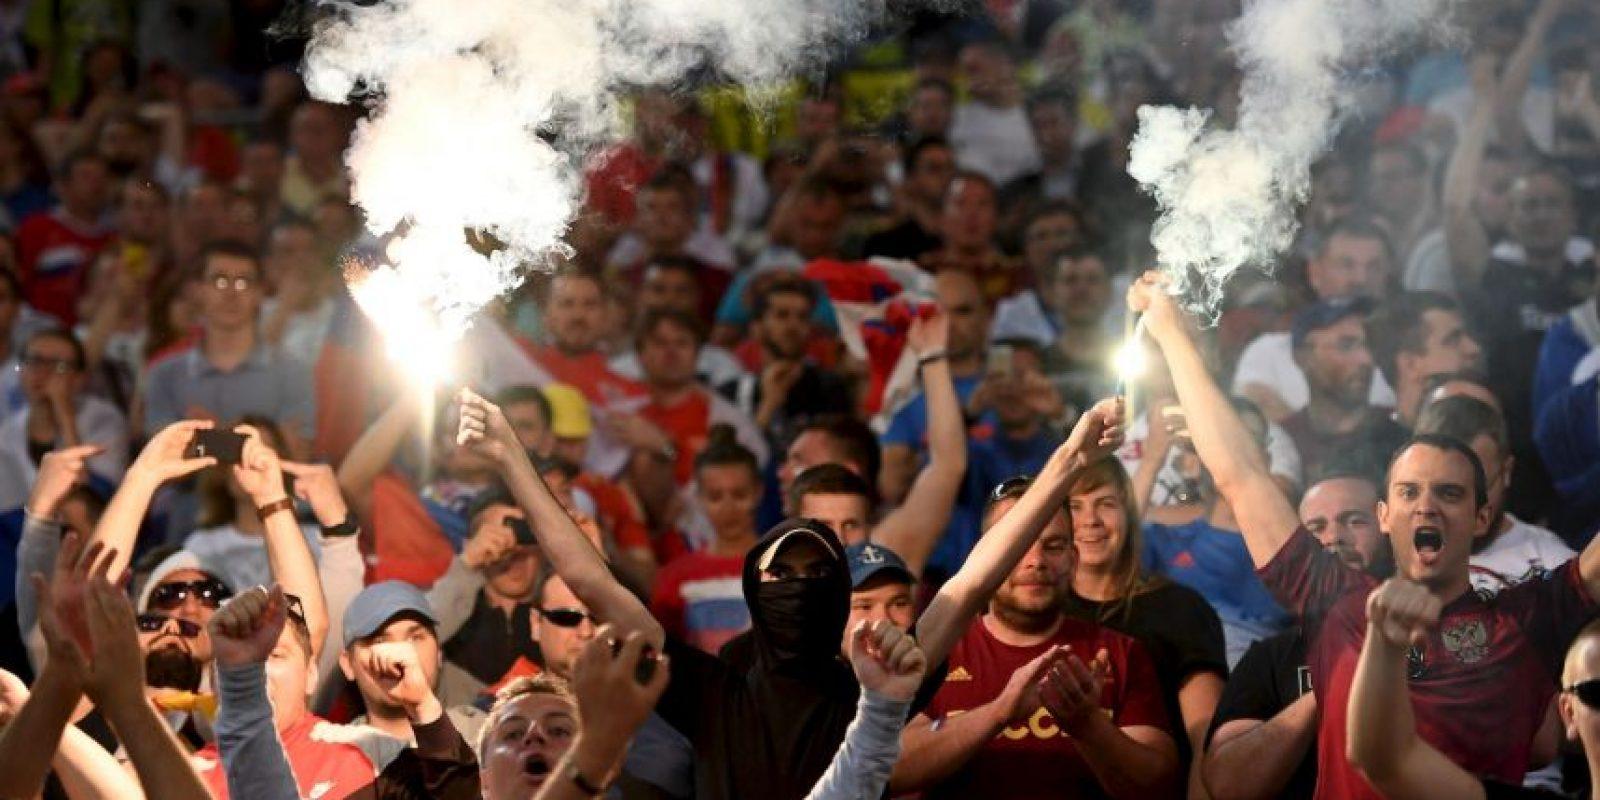 De extrema derecha, entrenados y violentos: radiografía de los ultras rusos Foto:Getty Images